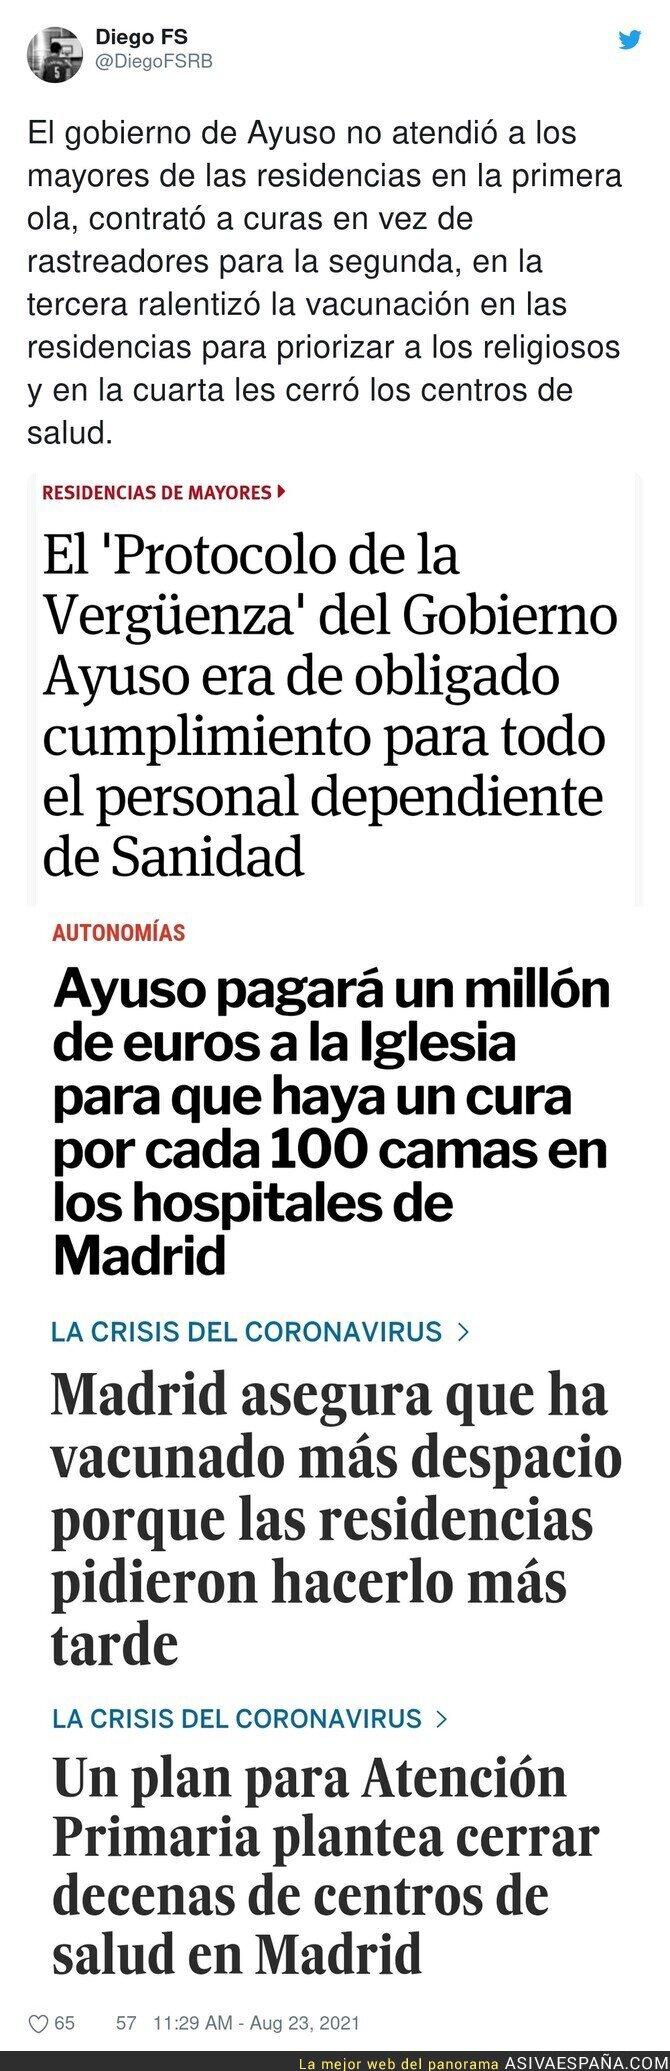 883382 - Cronología de la gestión de Isabel Díaz Ayuso en Madrid durante la pandemia que debería terminar con varios en la cárcel